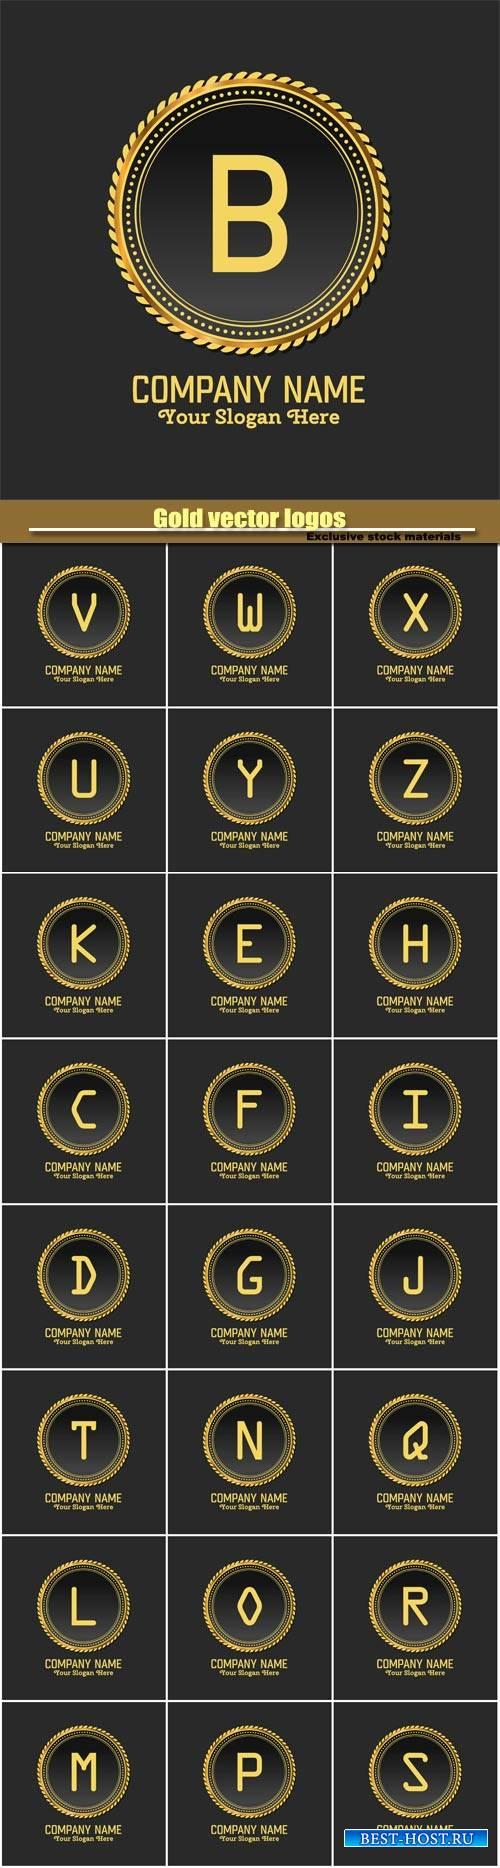 Gold vector logos